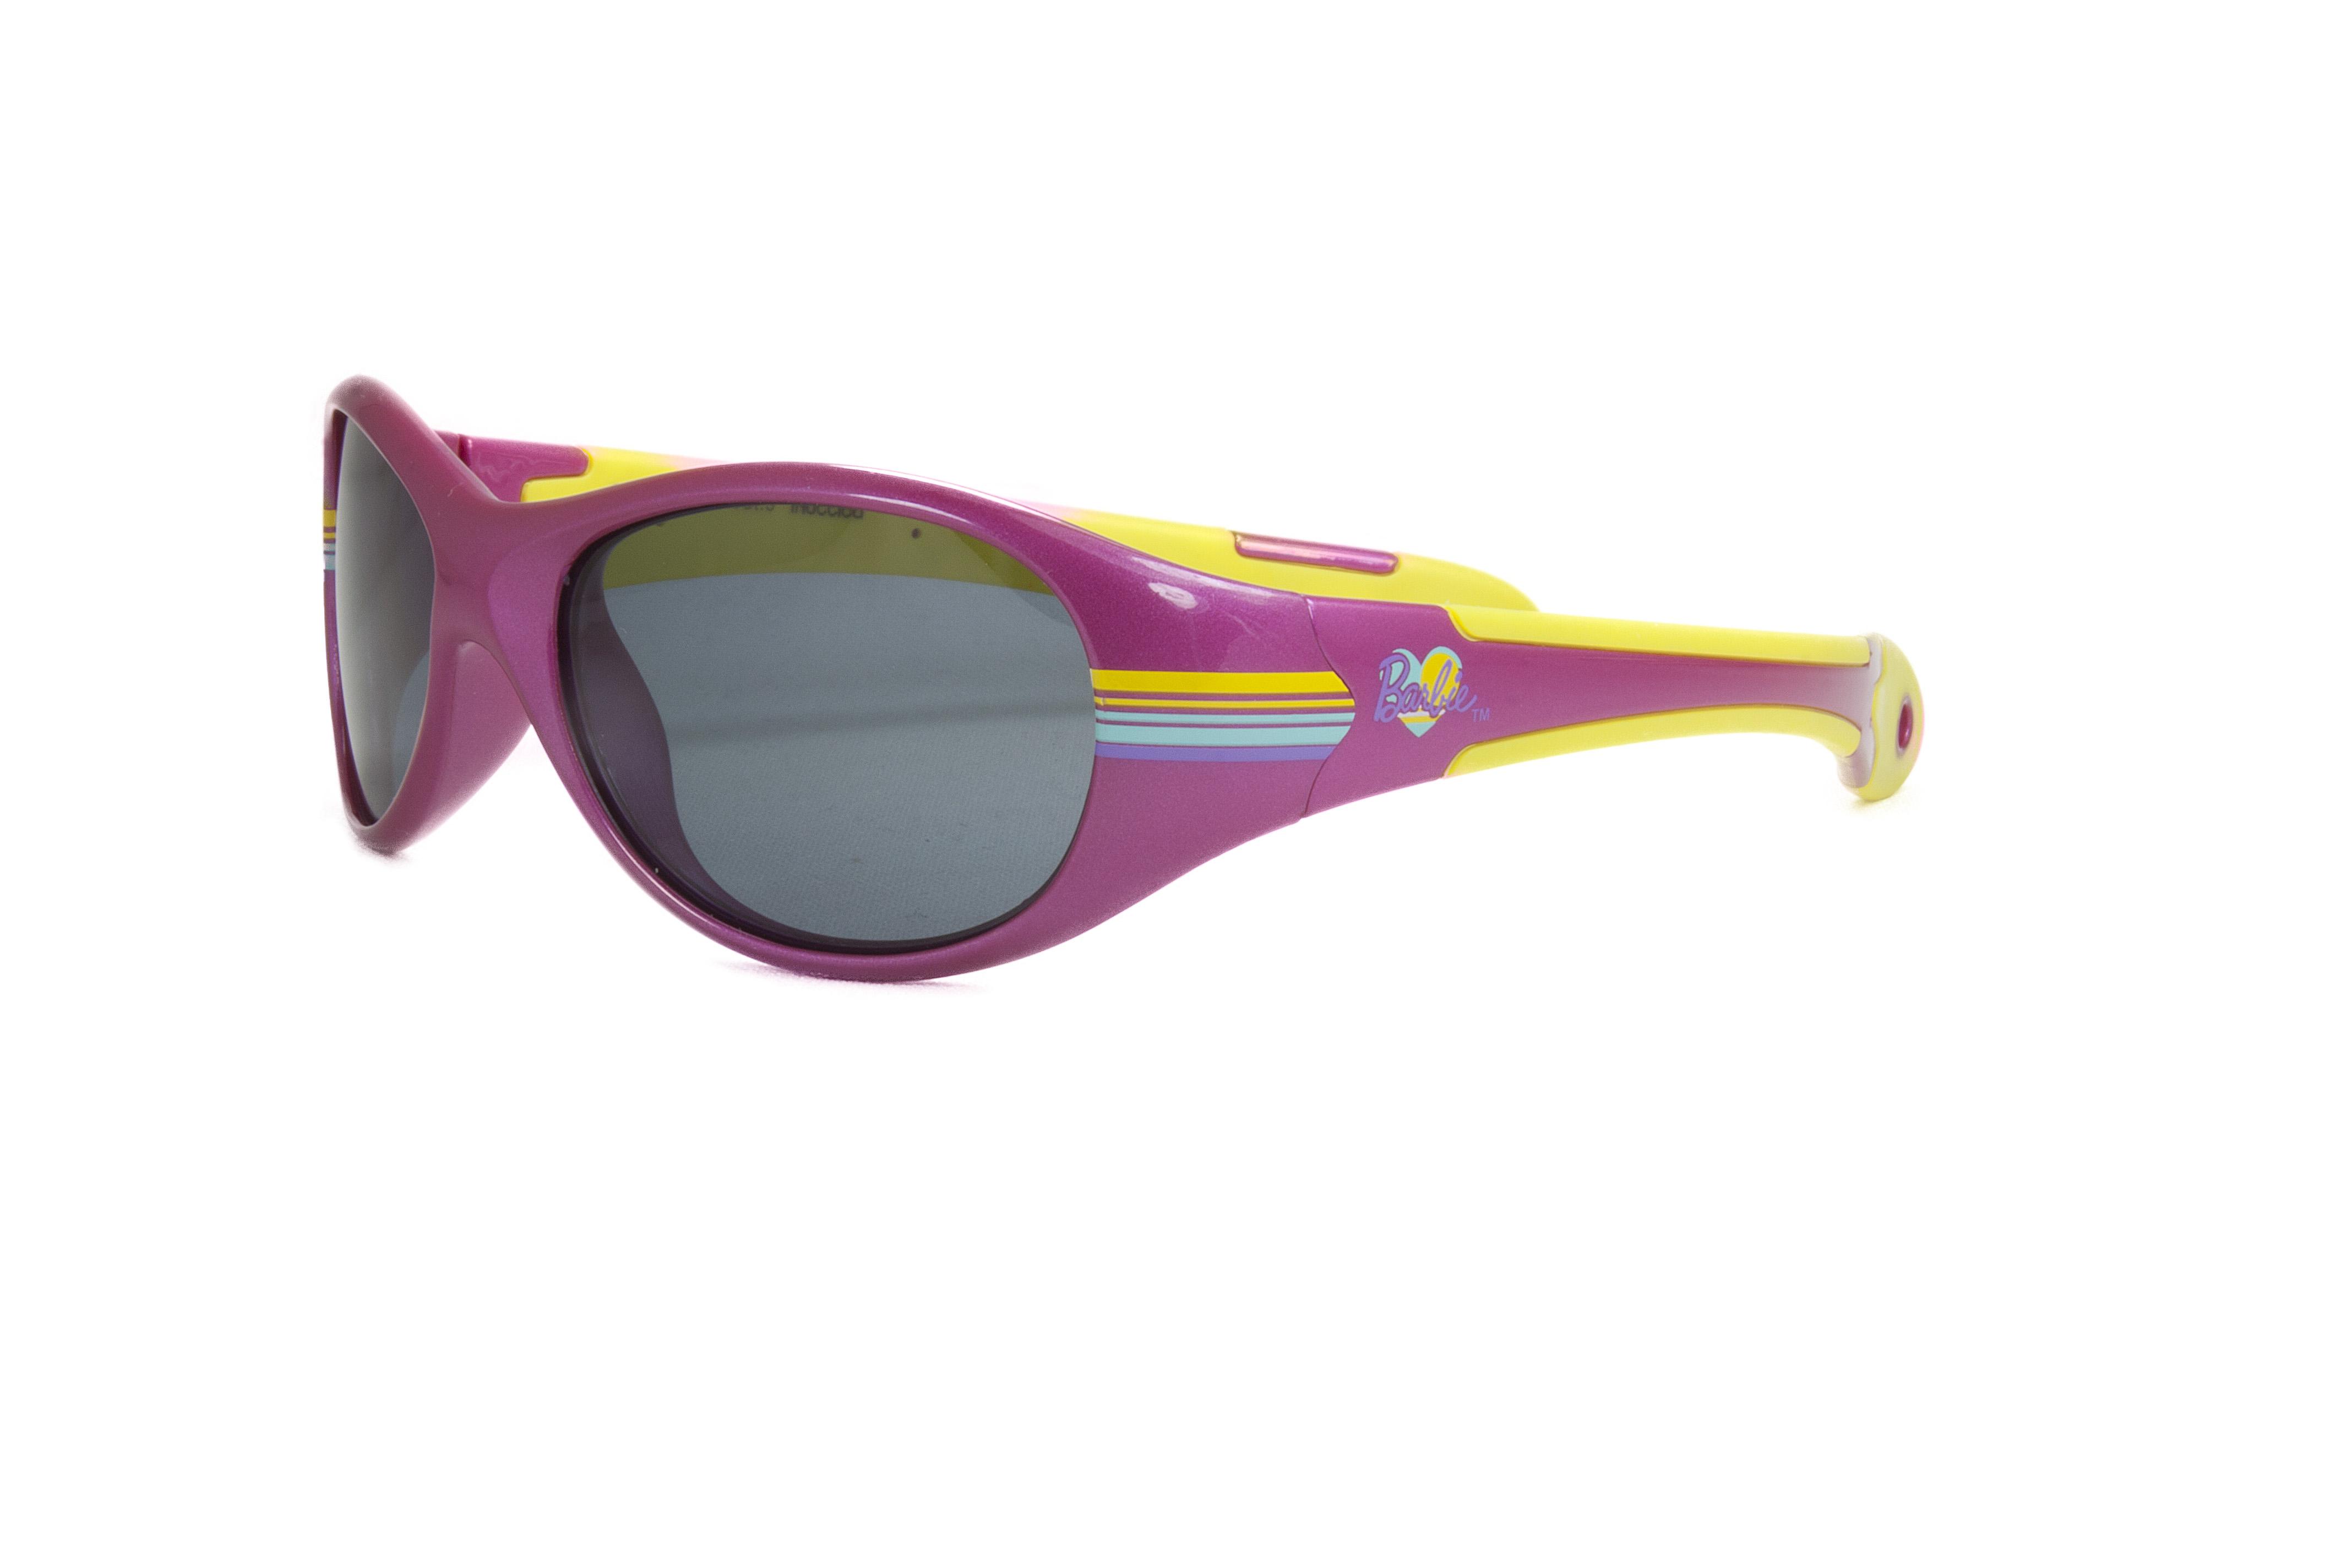 Купить солнцезащитные очки в интернете дешево